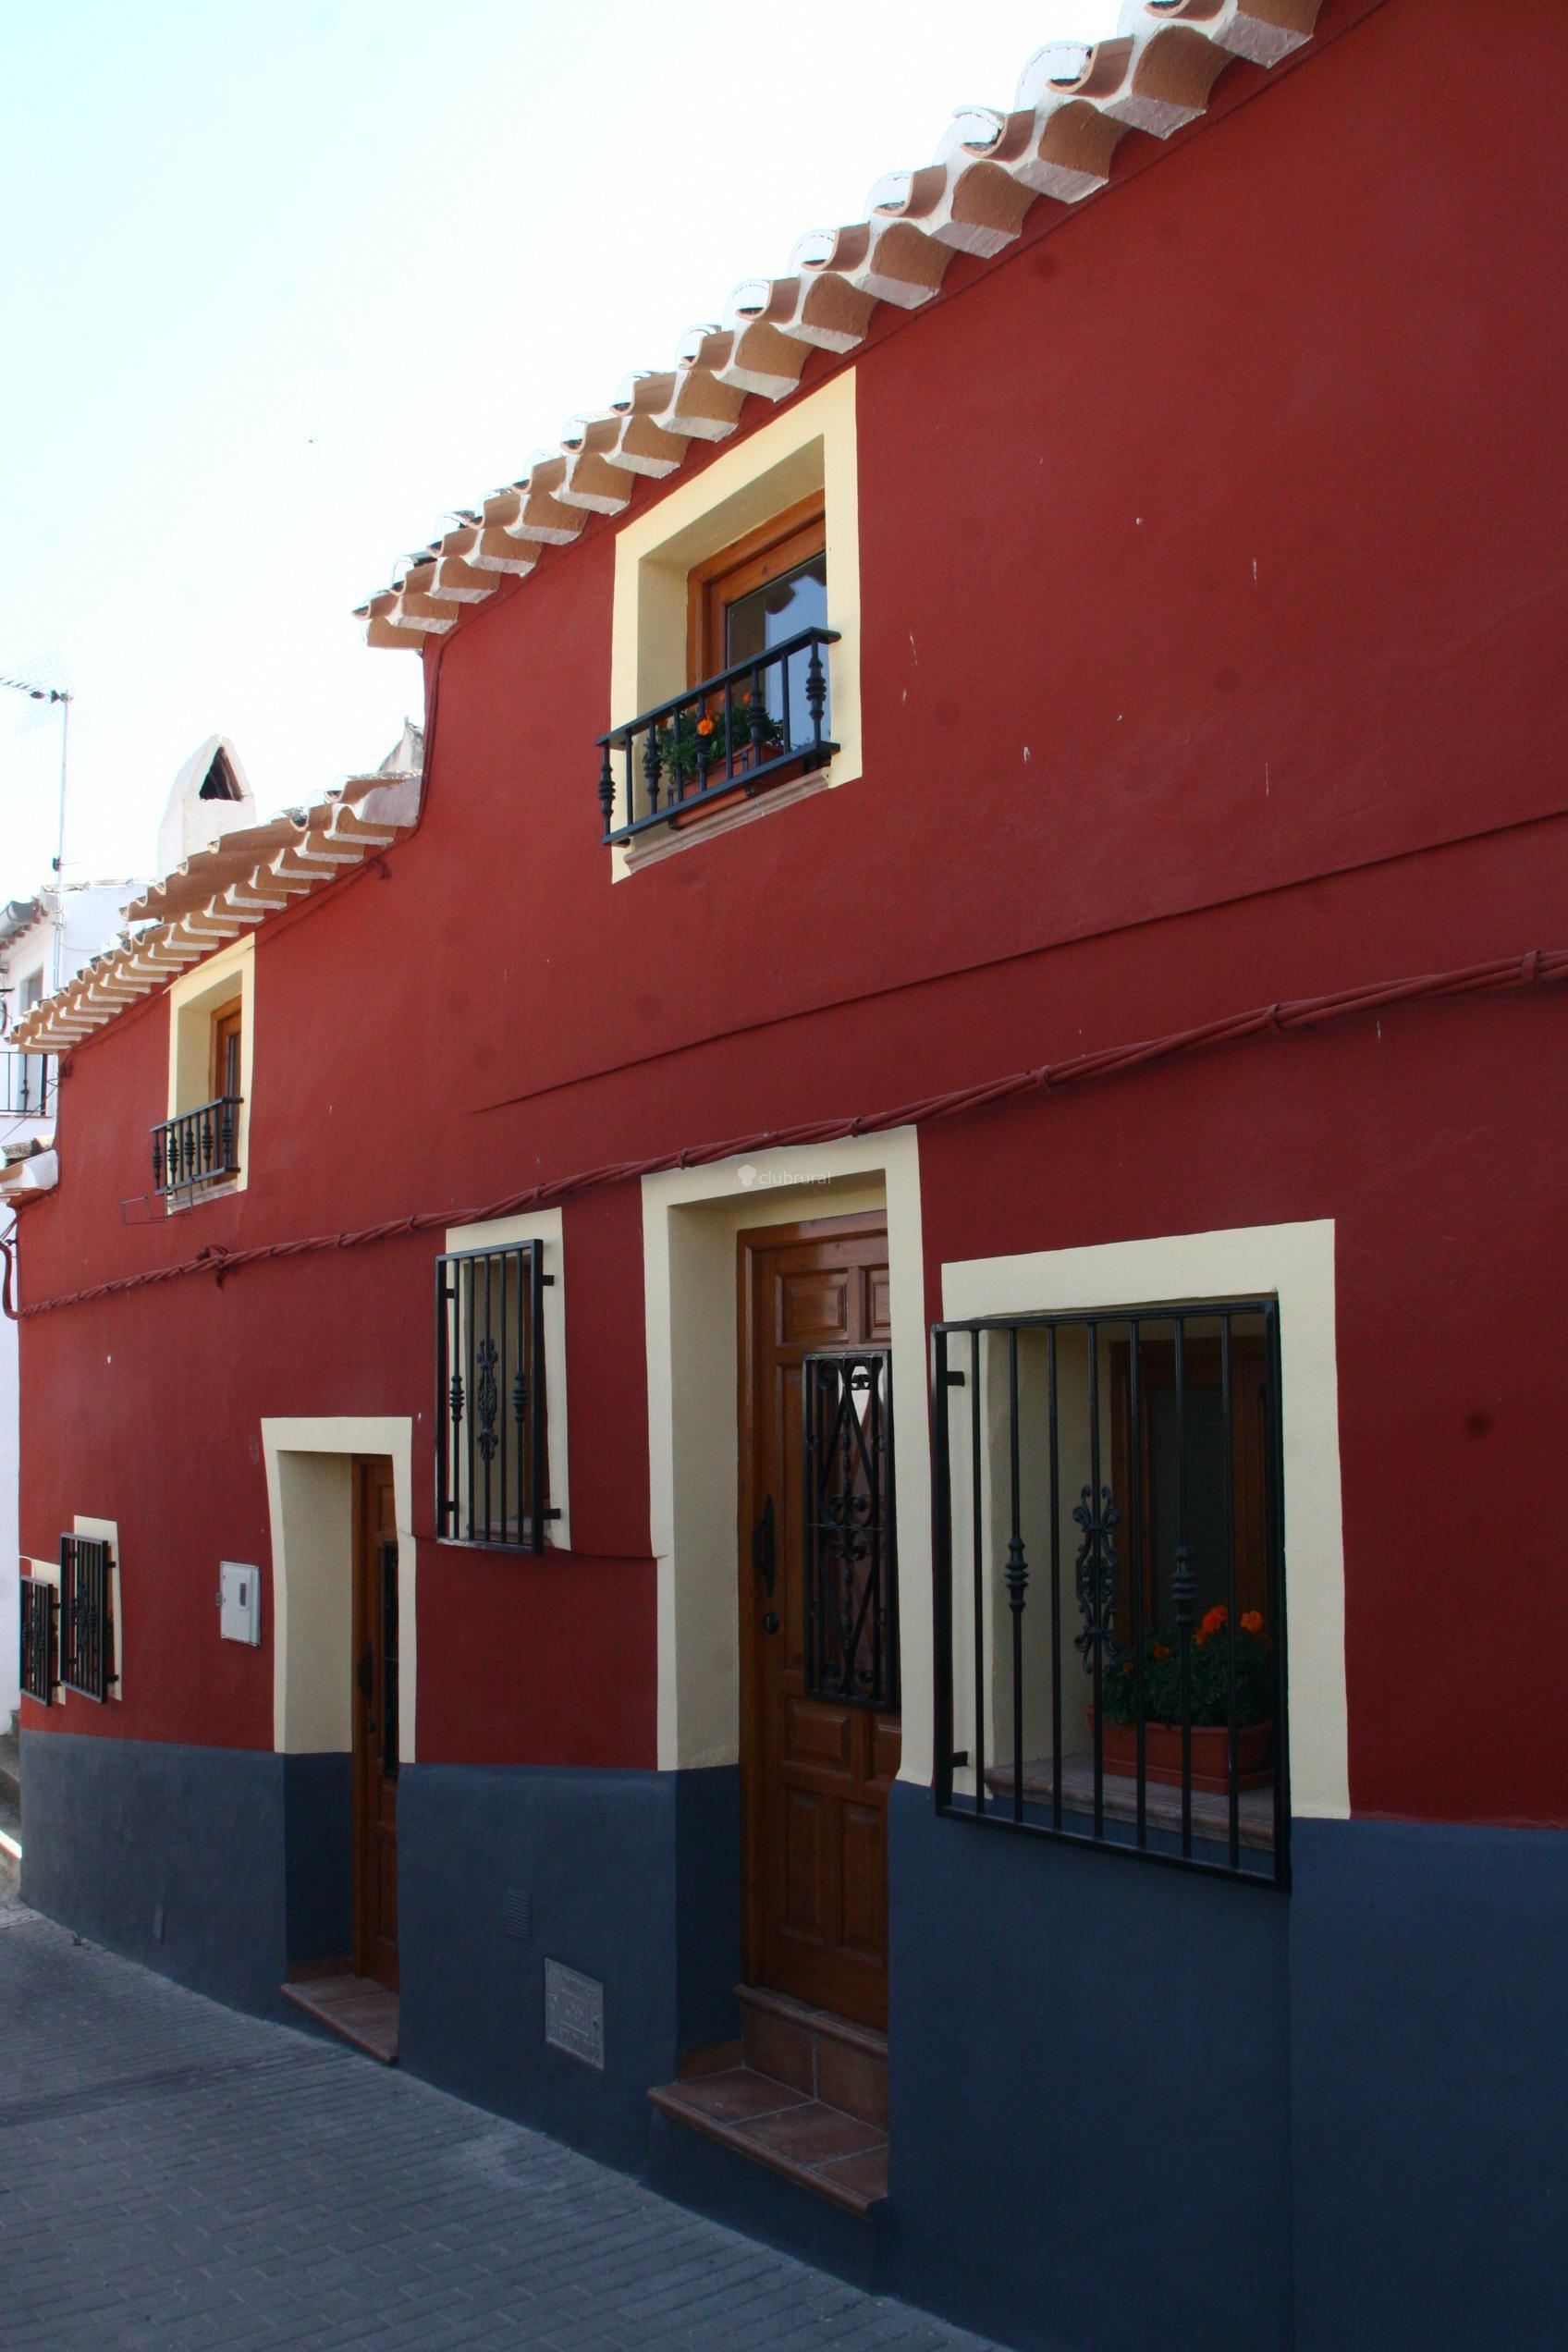 Fotos de las casas del paseo murcia cehegin clubrural - Casa rosa murcia ...